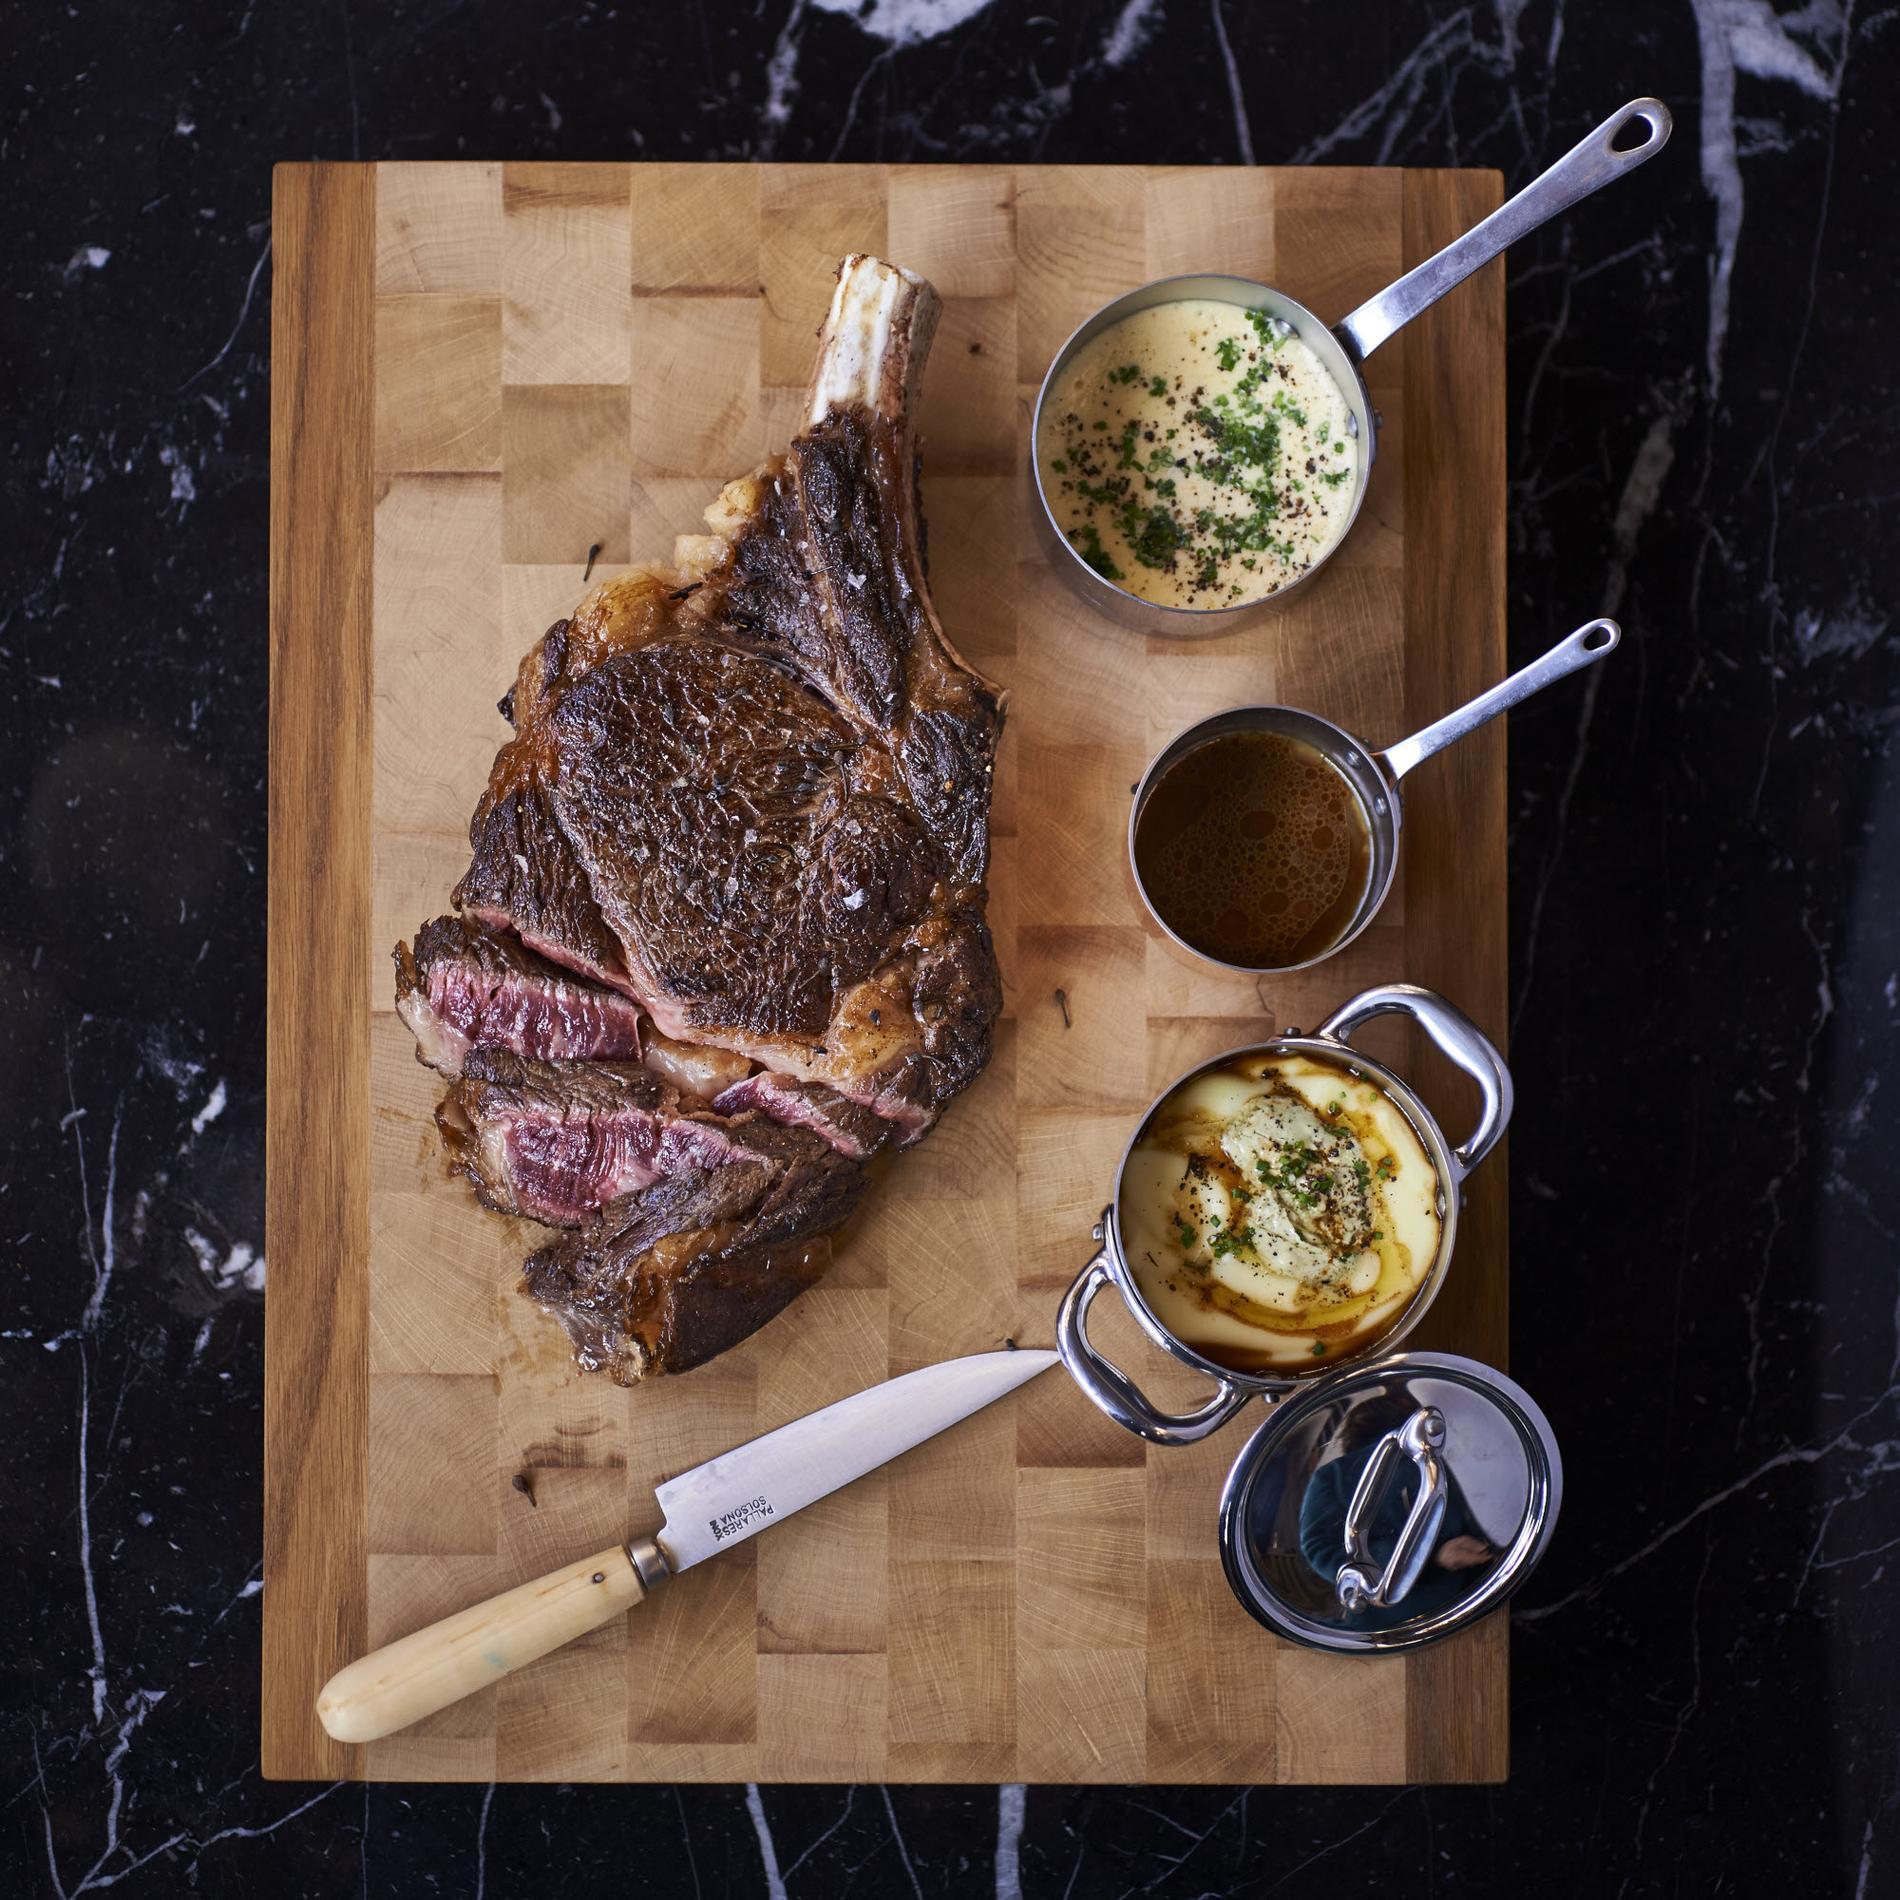 Recette c te de b uf et sauce hollandaise au poivre sauvage cuisine madame figaro - Duree cuisson cote de boeuf ...